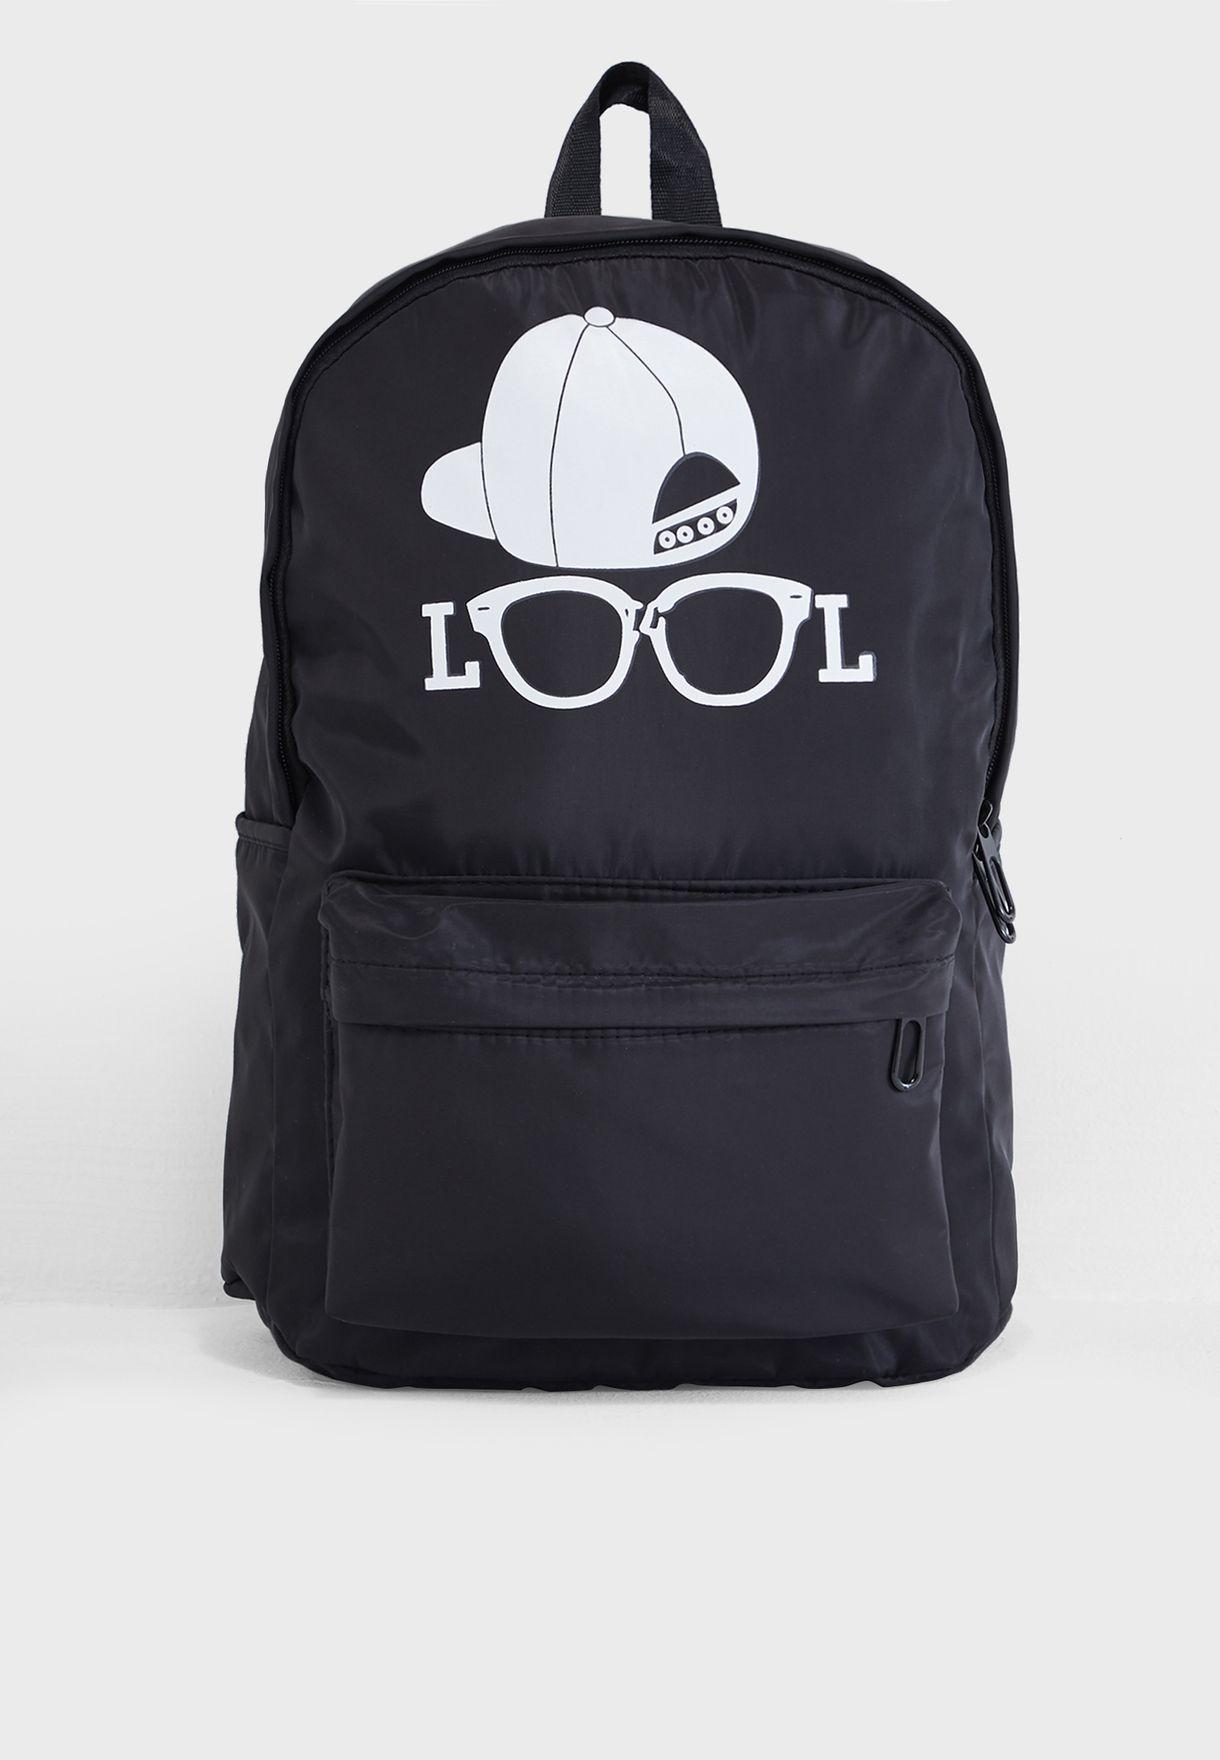 LOOL Print Backpack